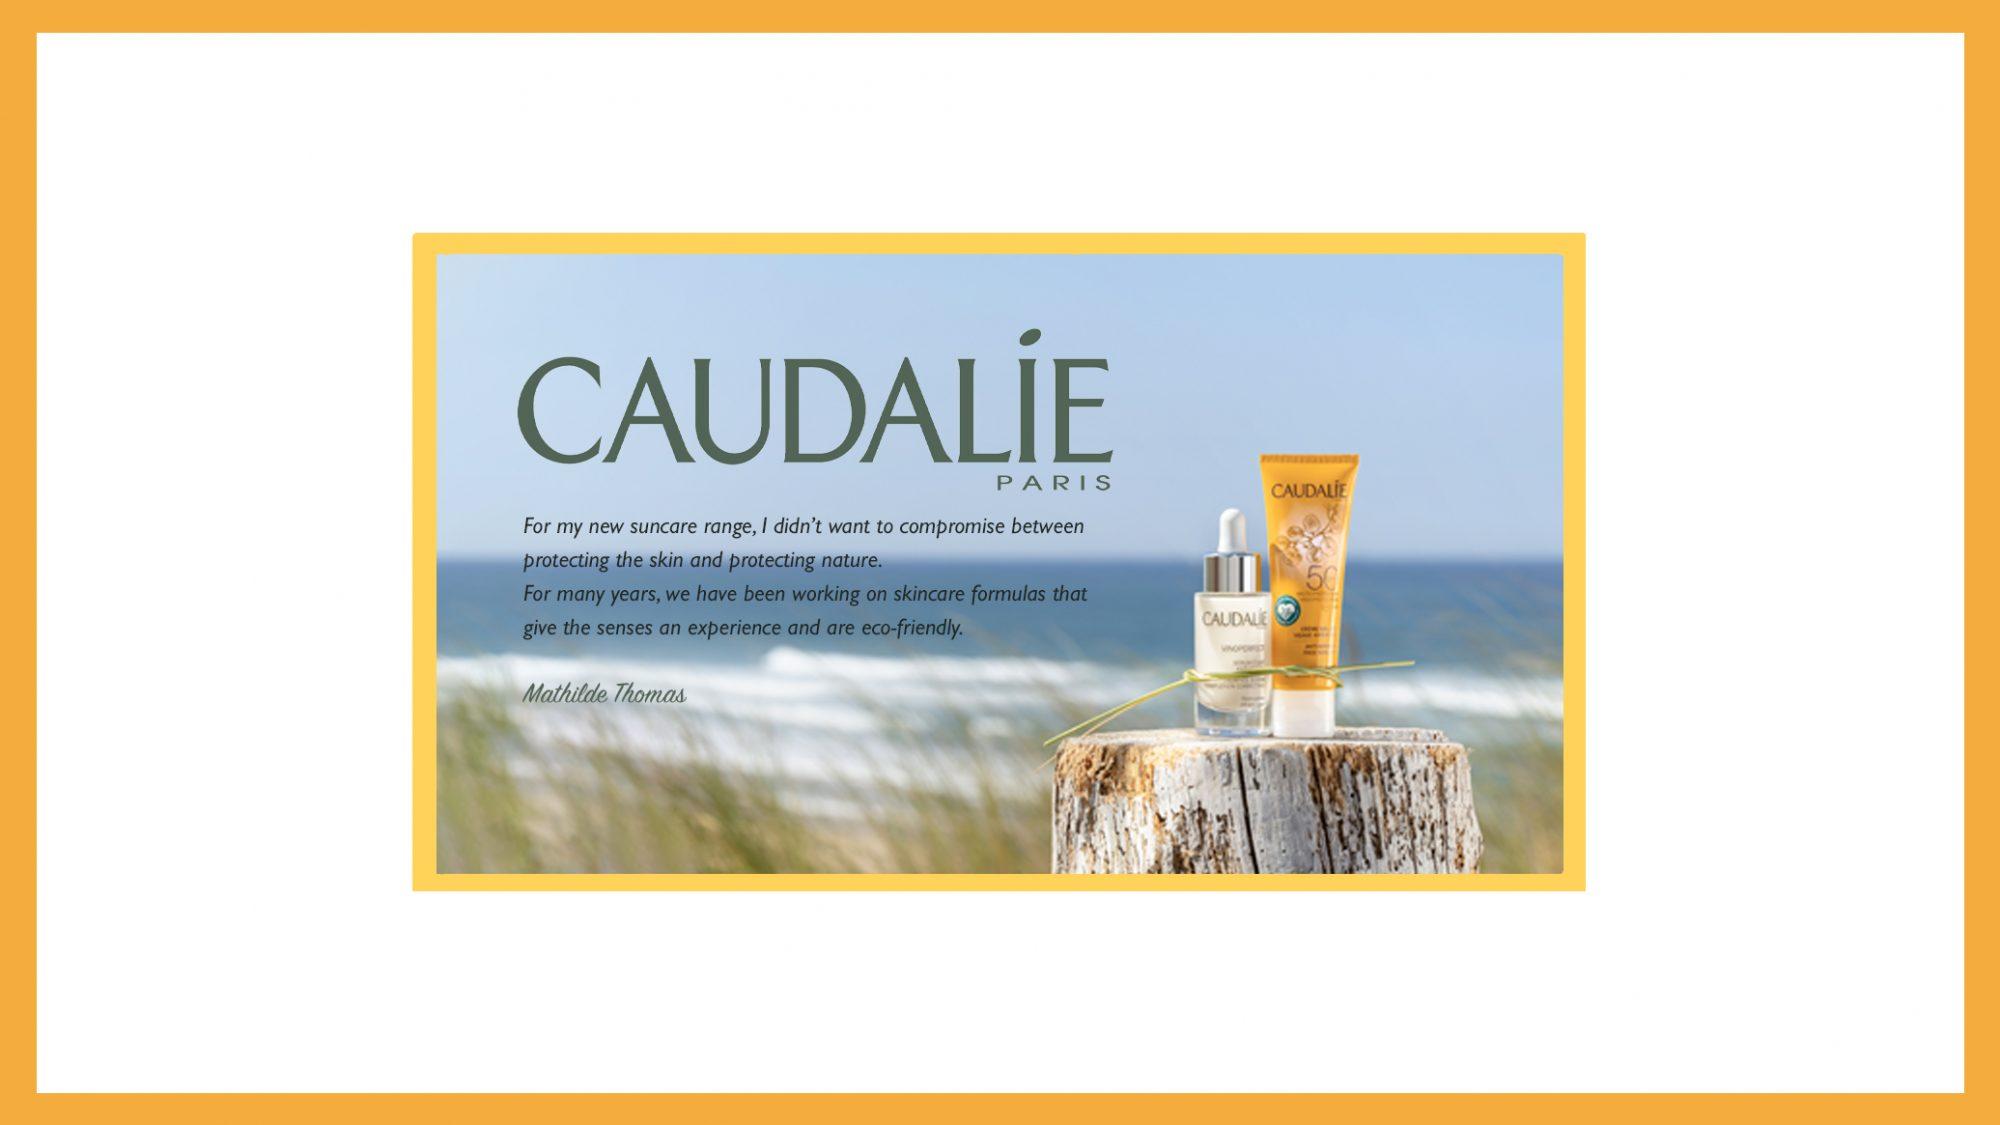 Caudalie New Suncare Range Banner Matilde Quote Border 2019